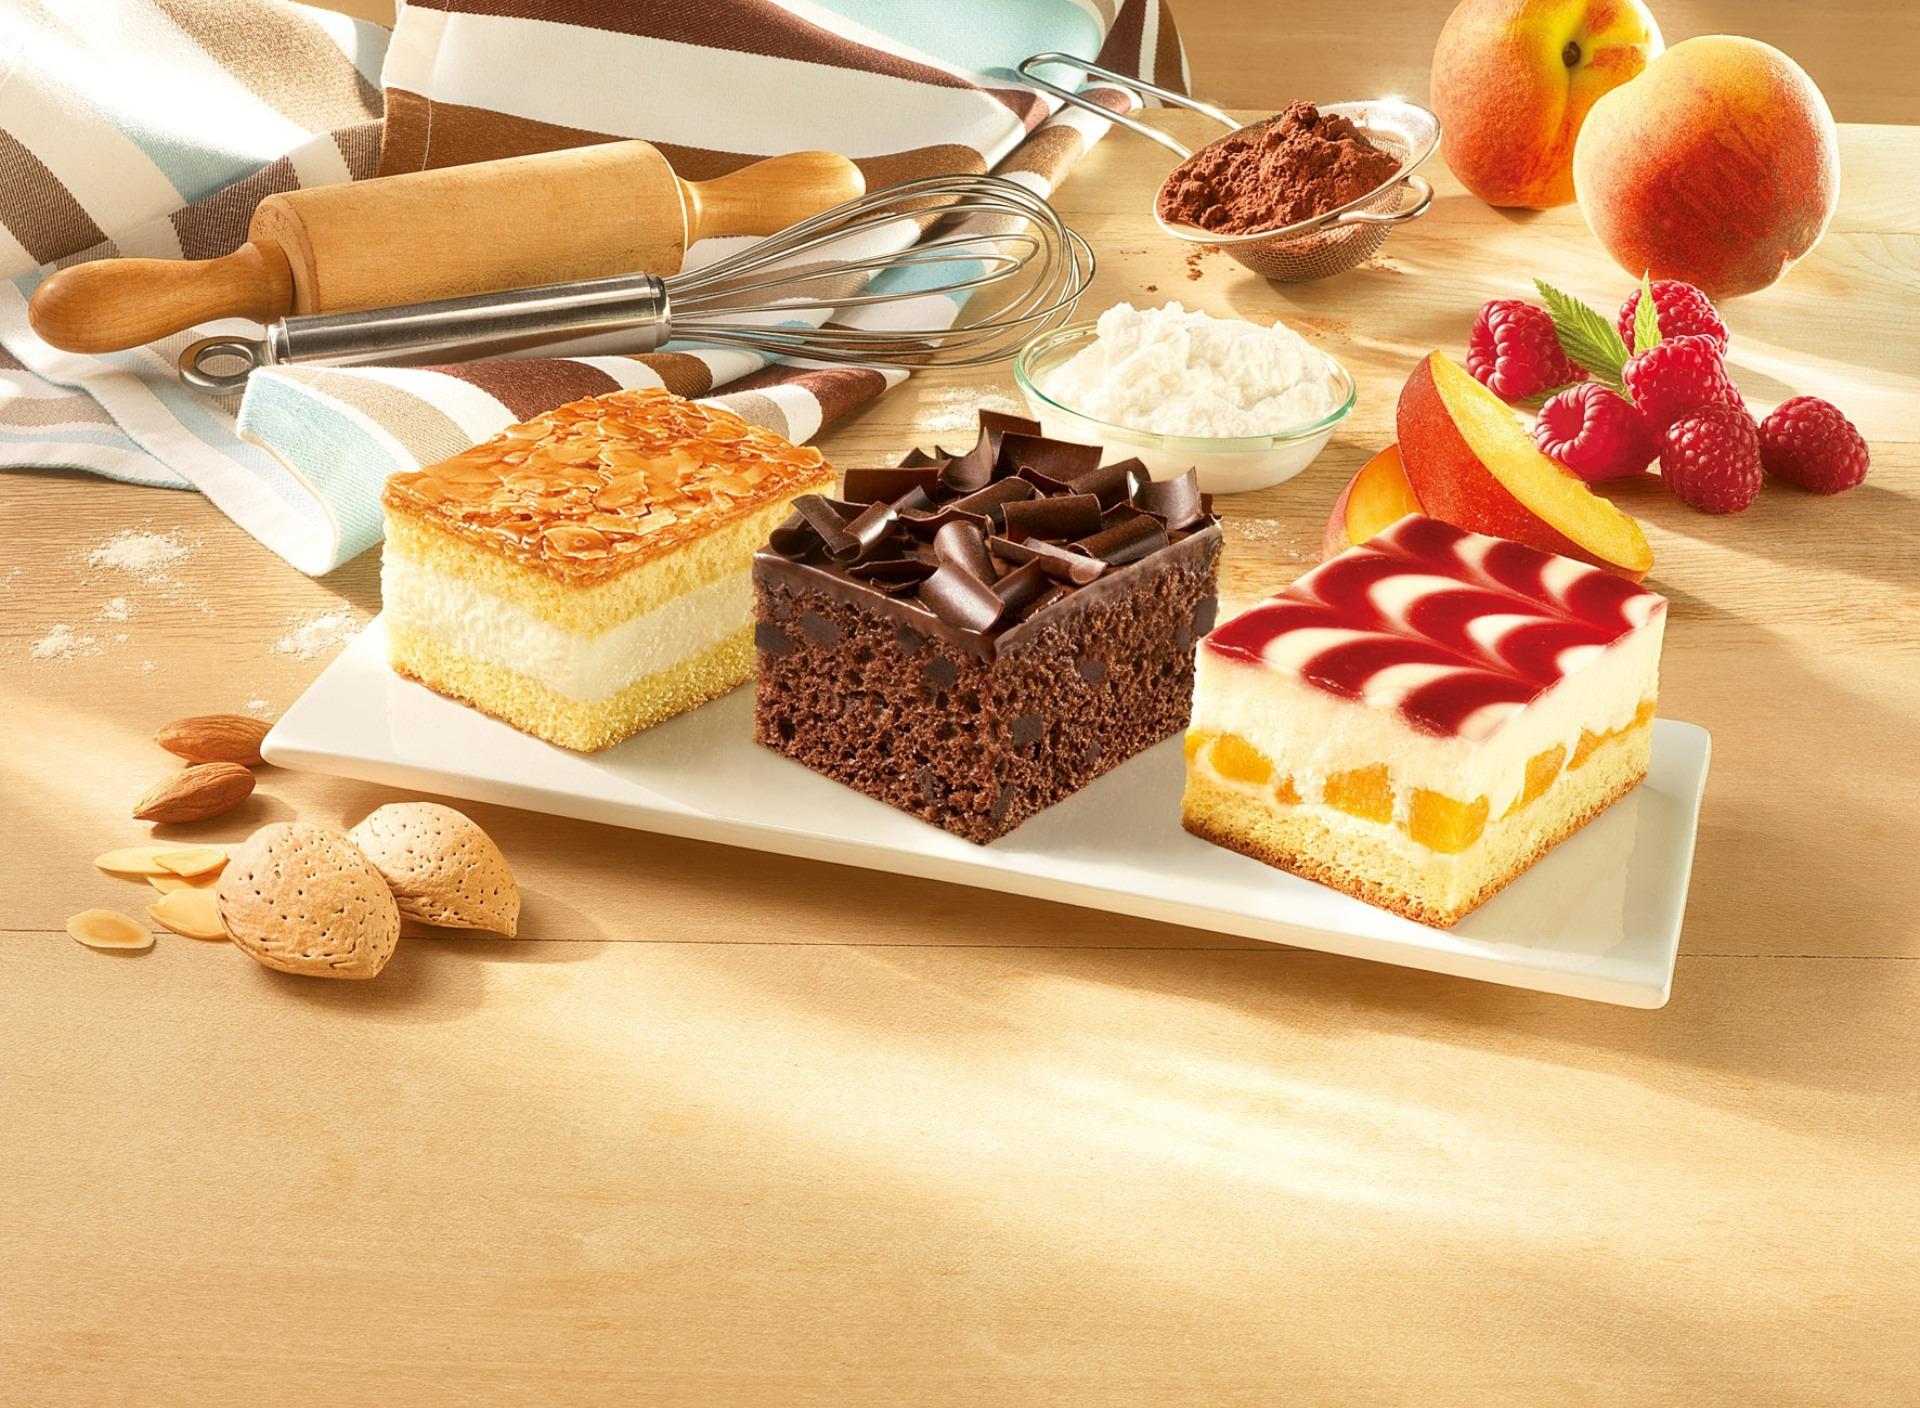 Много десертов картинка